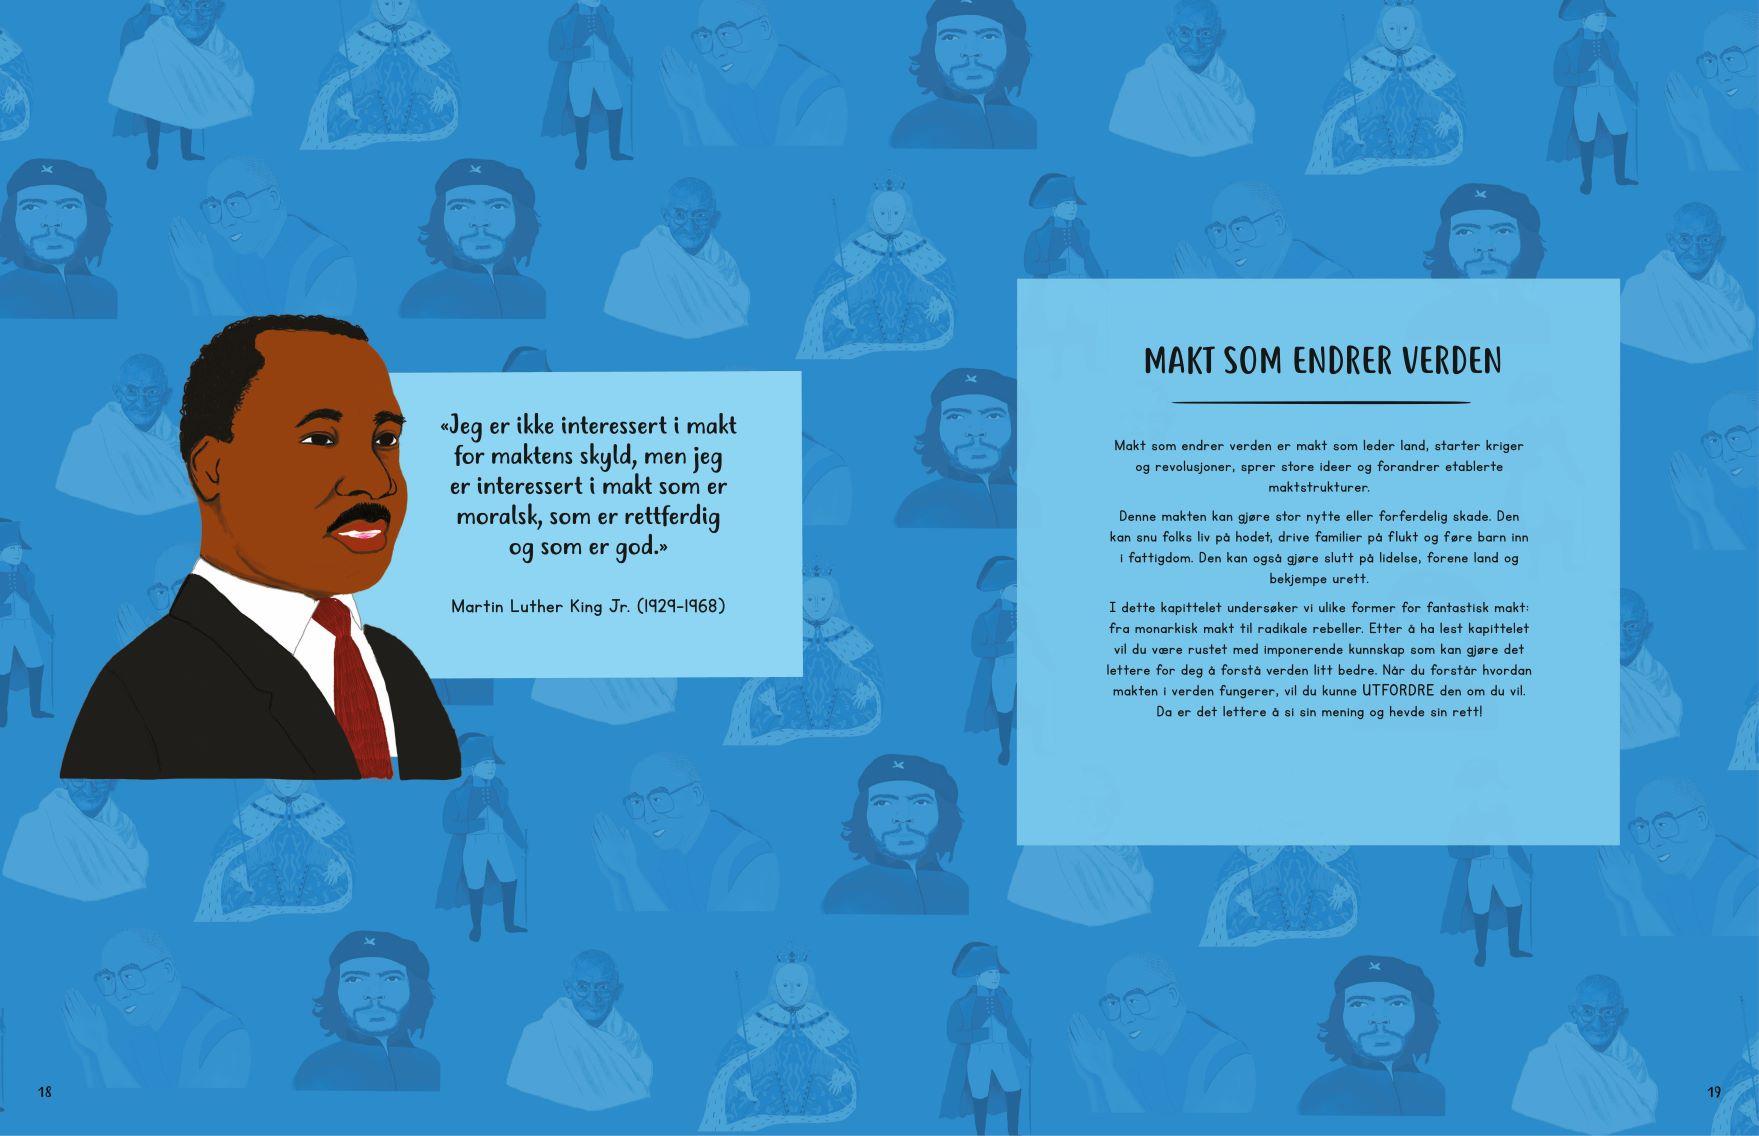 Bok for ungdom. Bra bok. Lærerik bok. Flott bok til skolen. Nydelig tilskudd til pensum. Gave til en ungdom. Bok om makt. Makt i hjemmet, på skolen, i arbeidslivet, i politikken, mellom kjønn, i forhold til etnisitet, eller seksuell preferanse, makt & penger, makt & politikk, medbestemmelse eller munnkurv, personlighetstyper & berømmelse, underkastelse & revolusjon. Terningkast seks. Bestselger. Nyhet. Hvordan finne rett gave til en ungdom. Julegavetips. Gavetips. Che Guevara. Martin Luther King jr. Dalai Lama. Bill Gates. Malala Yousafzai. Alan Turing. Rosa Parks. Emmeline Pankhurst.